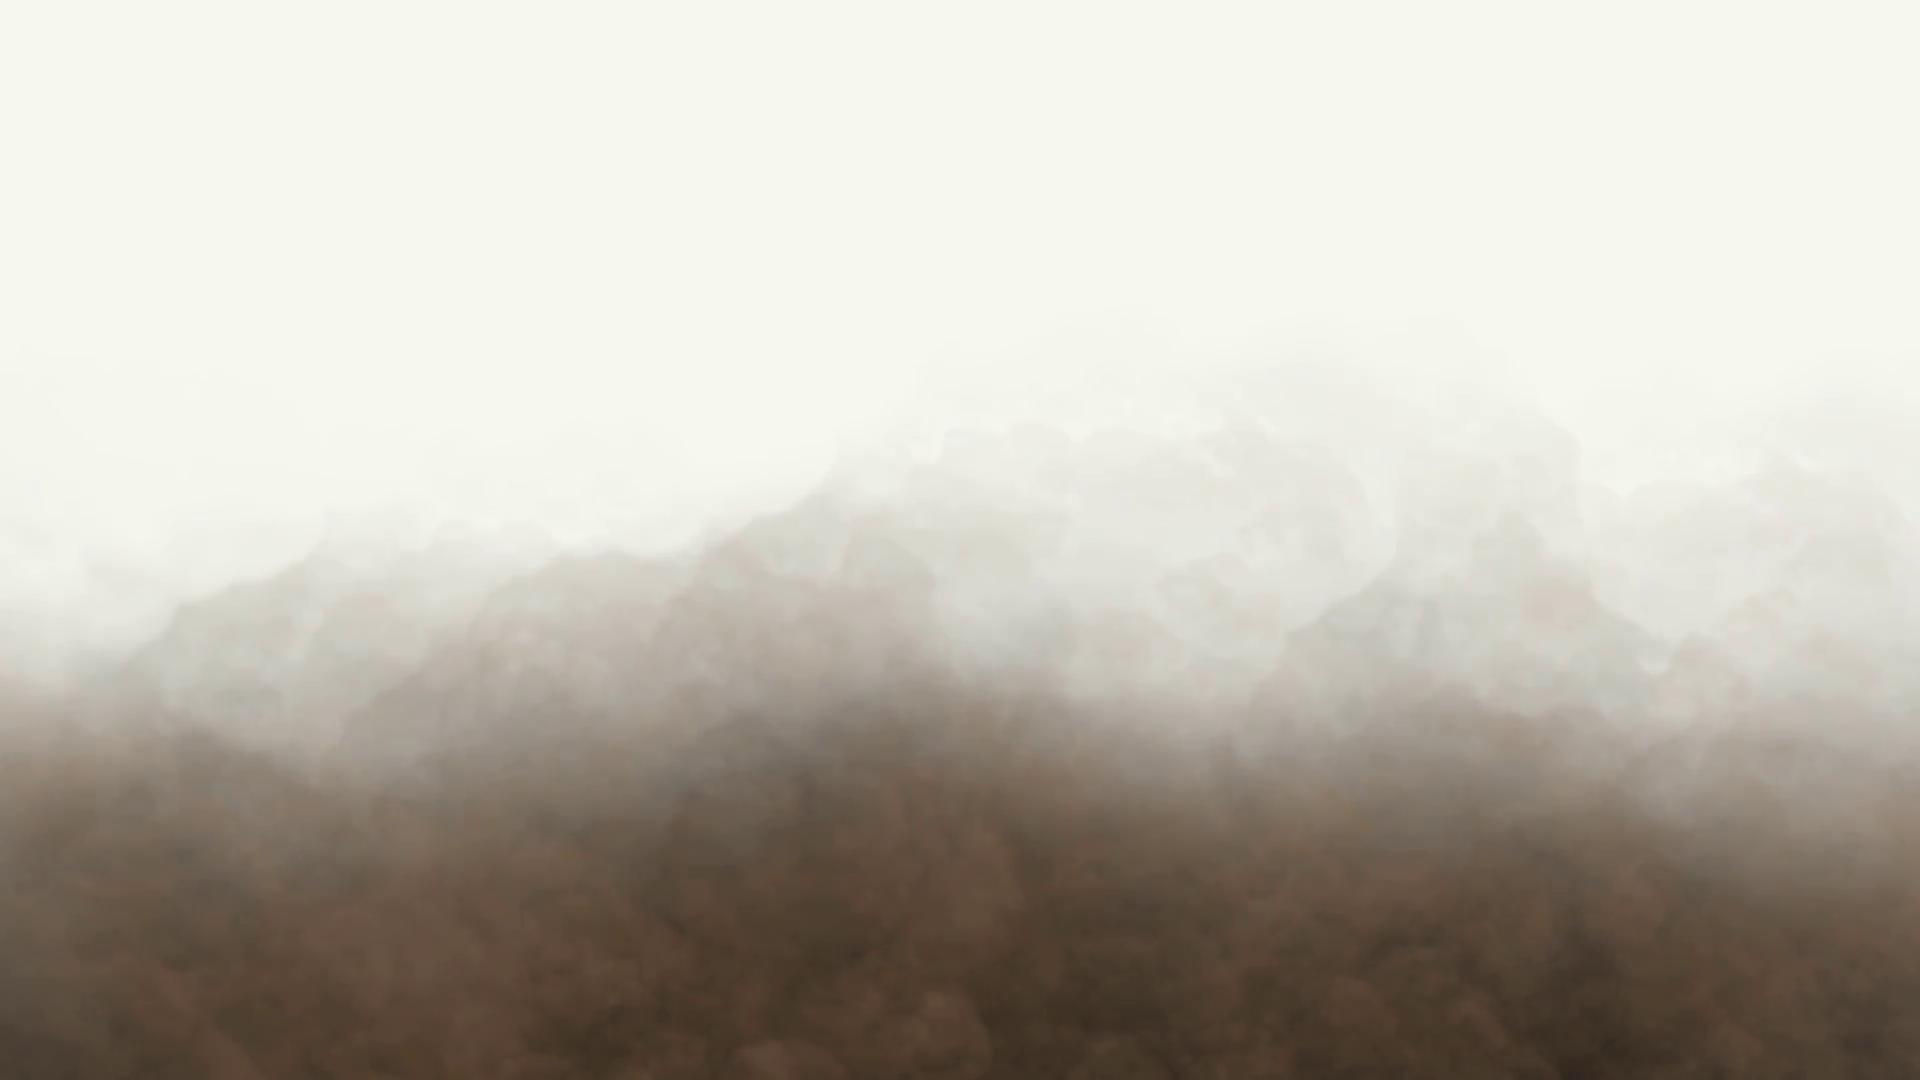 Dust cloud photo